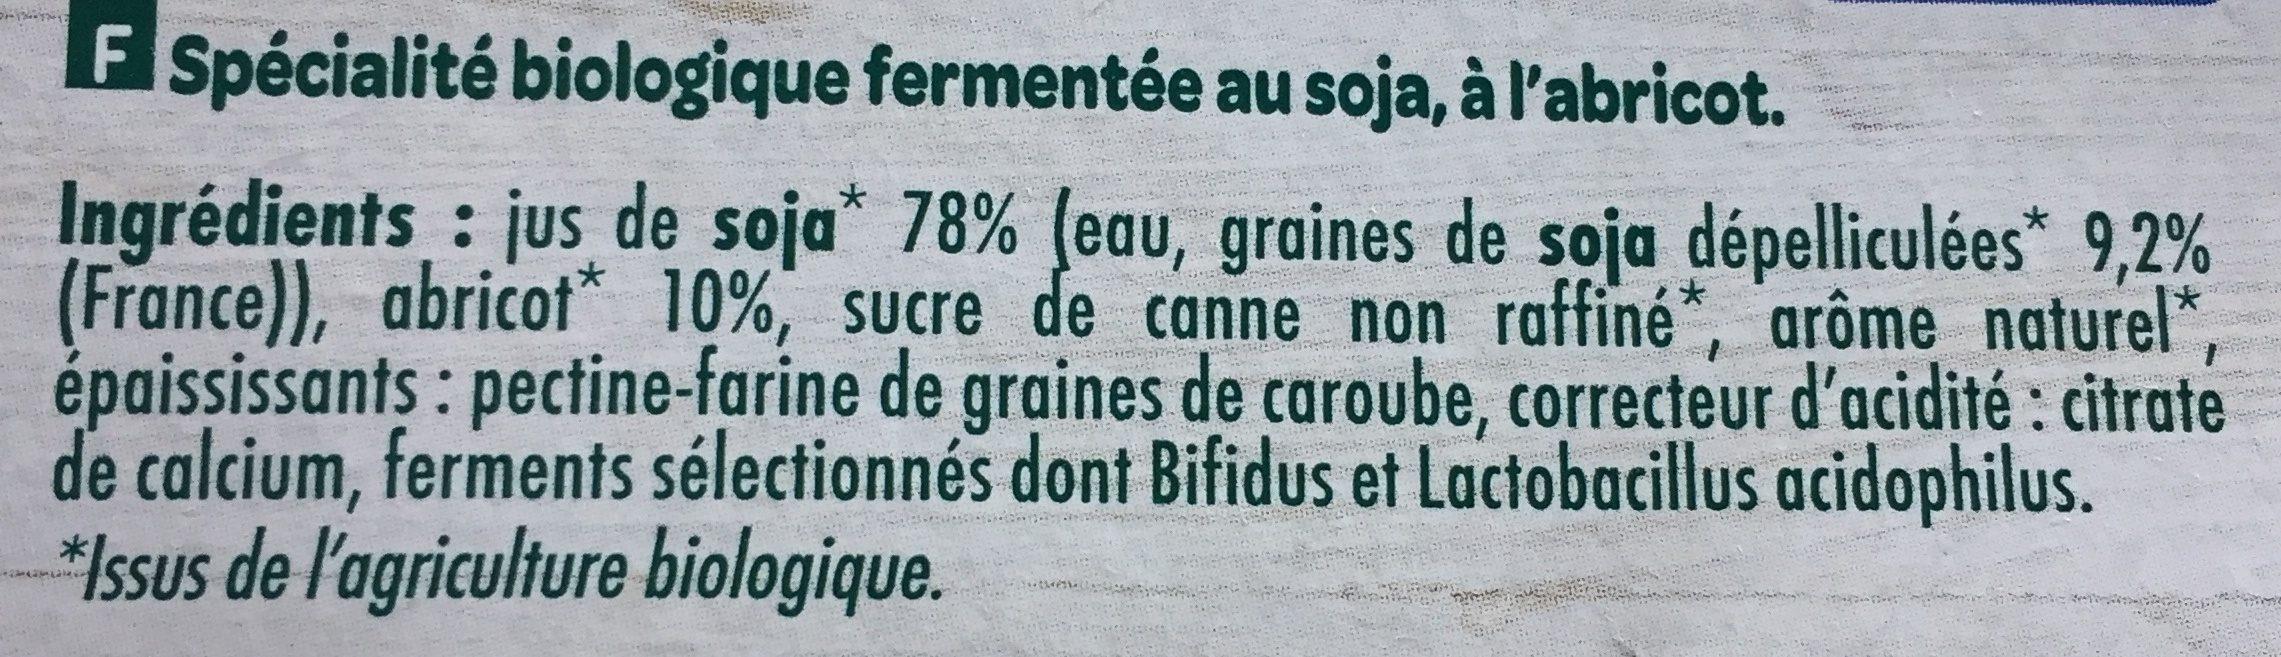 Soja bio dessert vanille - Ingredients